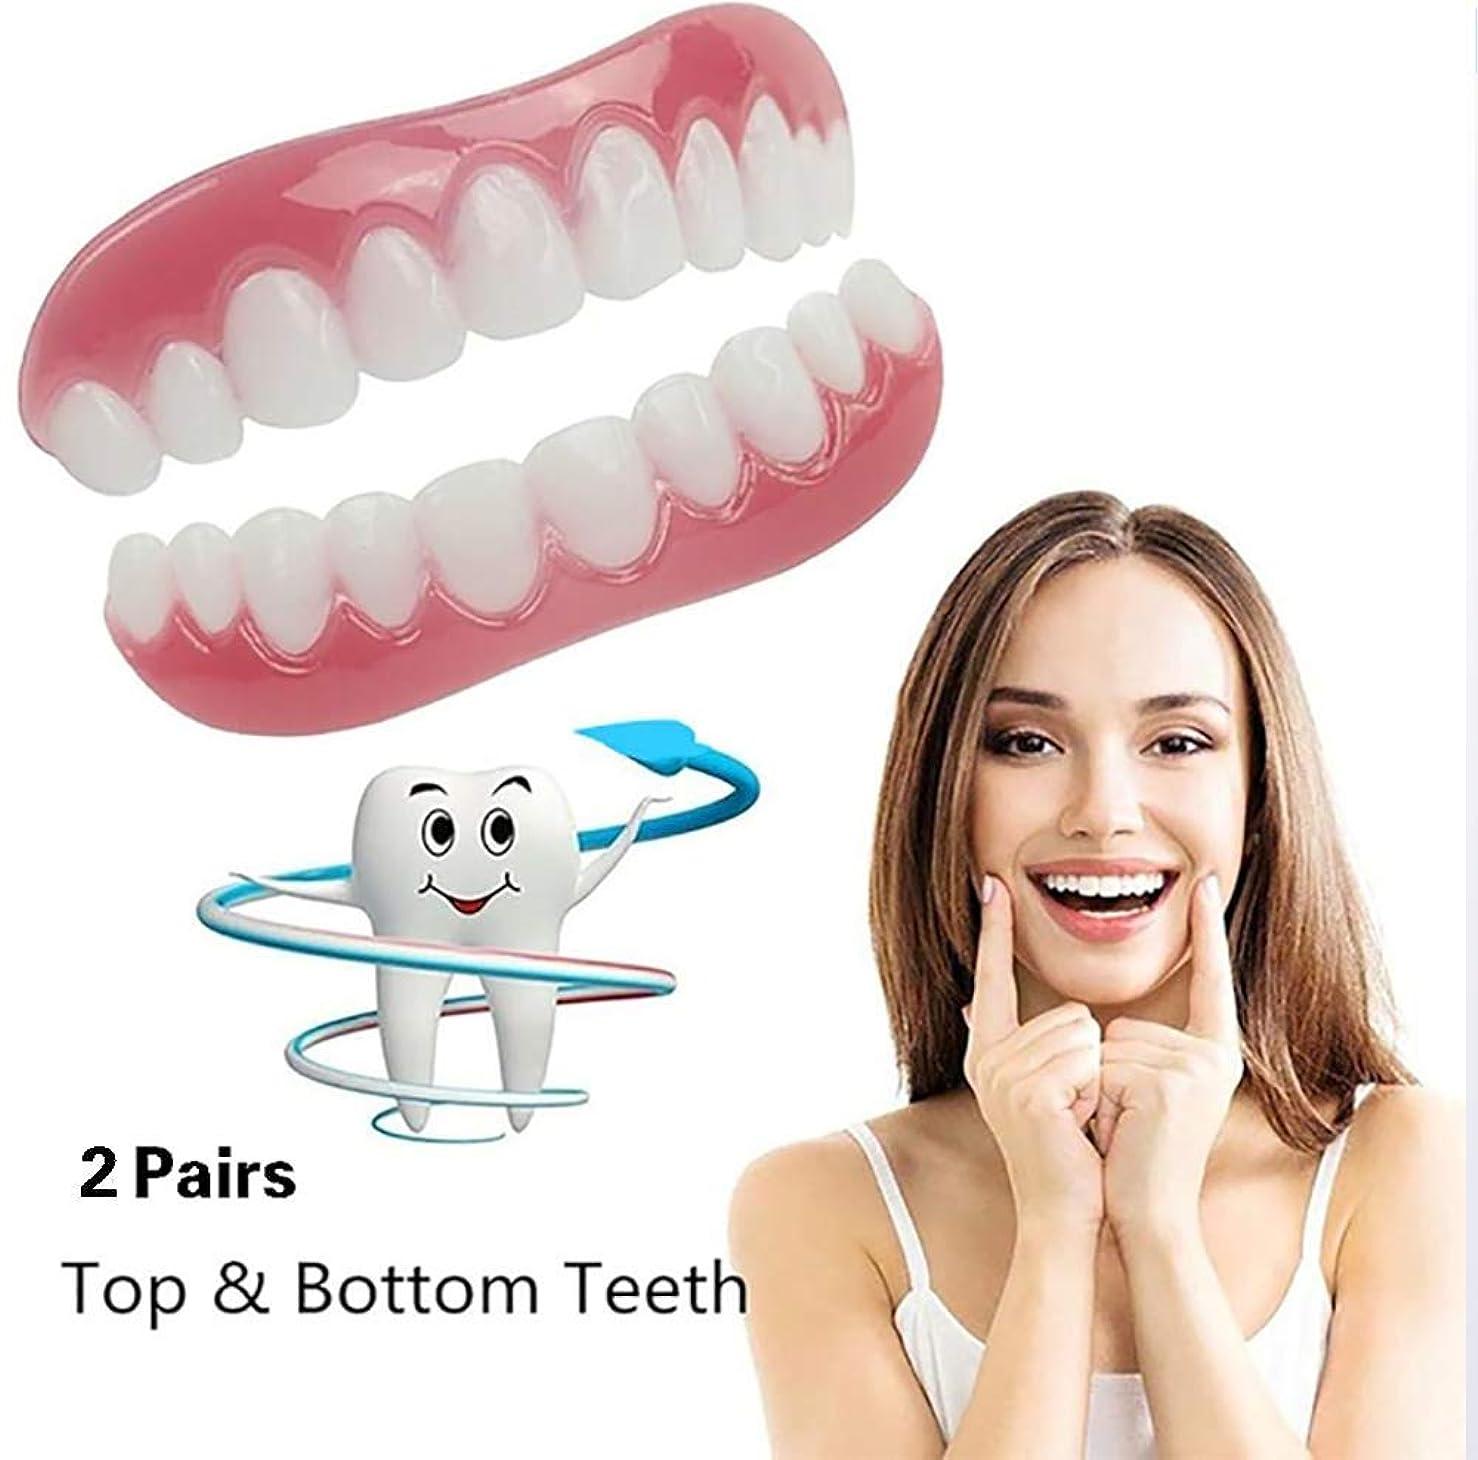 アレンジアクセル遅れパーフェクトインスタントスマイルティースベニヤインスタントビューティー2本入れ歯2本下歯(フリーサイズ(中))